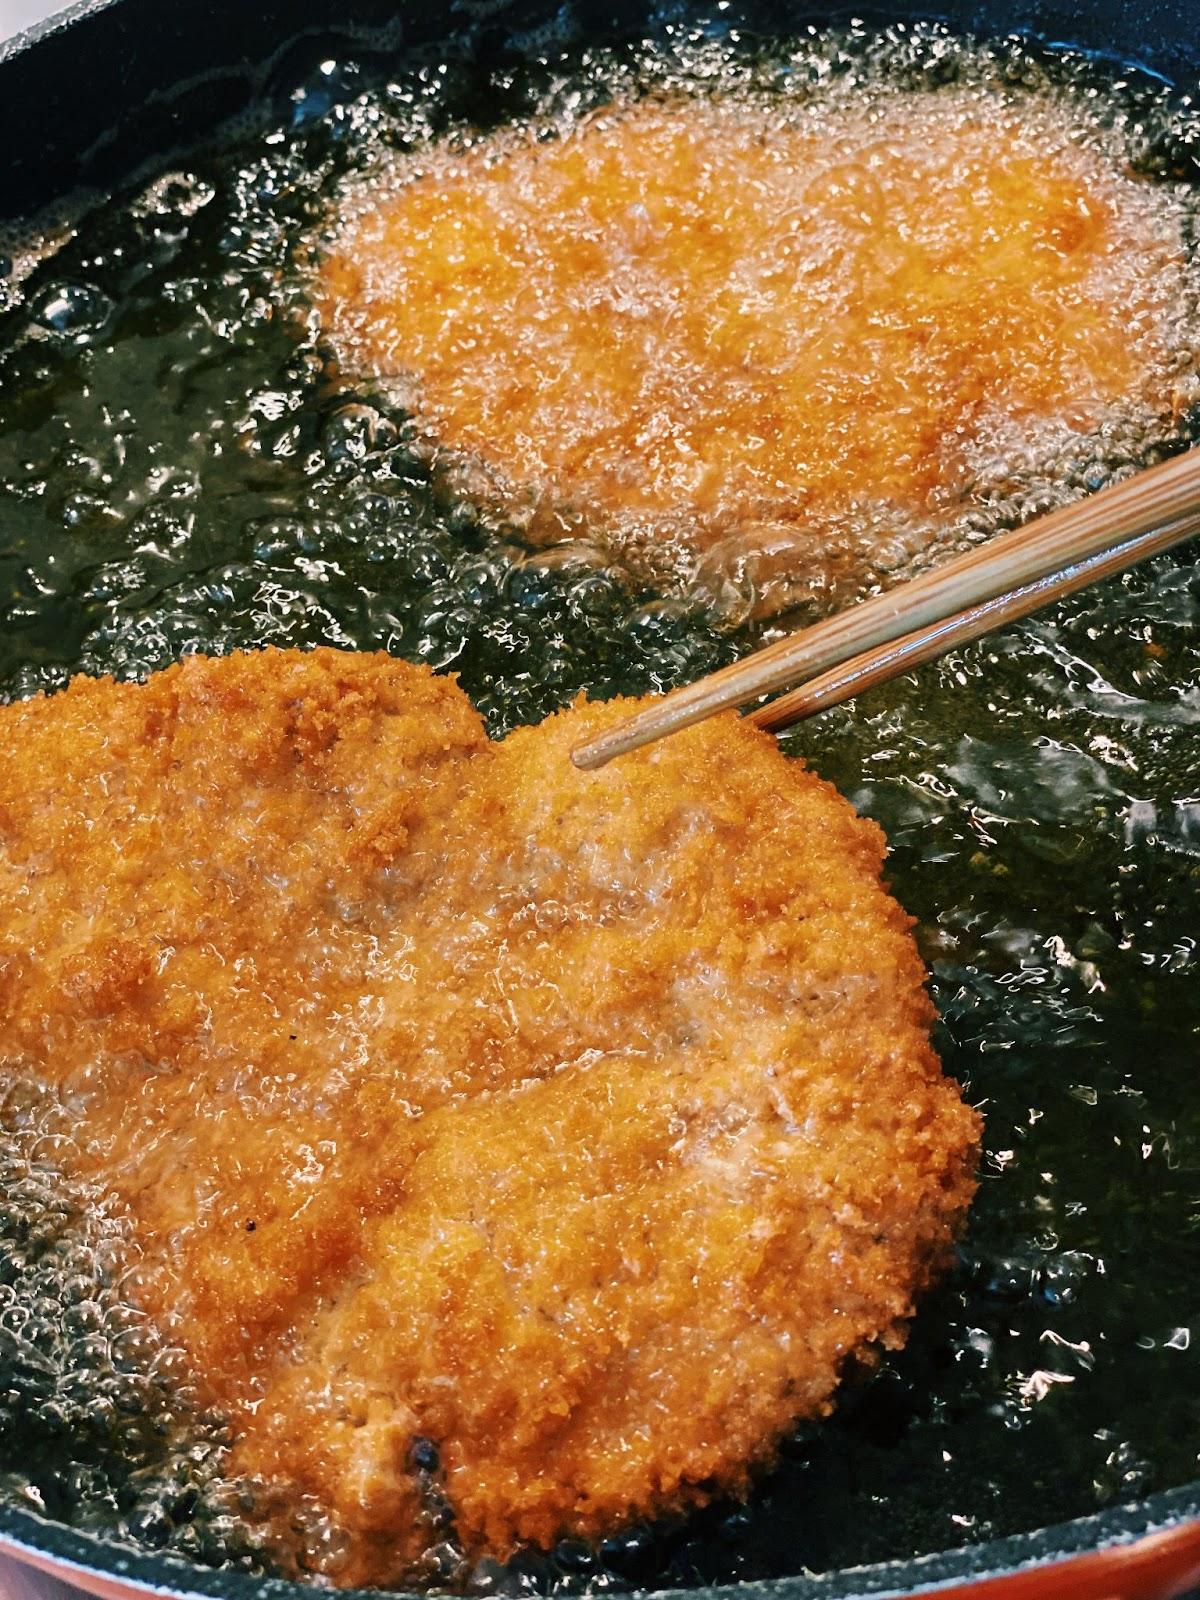 Japanese Fried Pork Chops